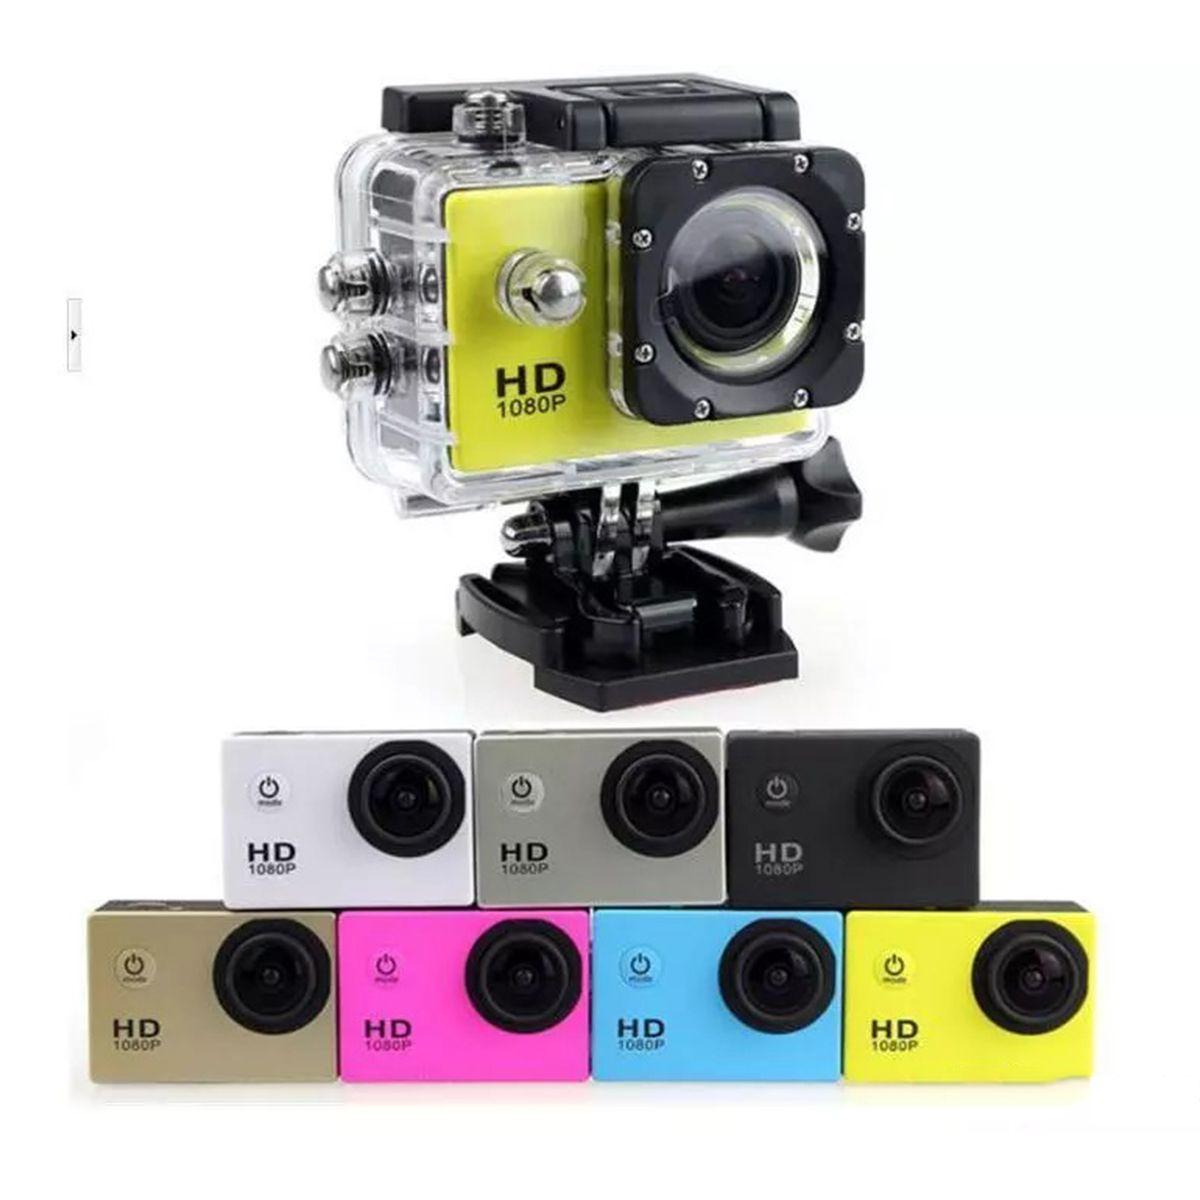 Copia más barata para SJ4000 A9 estilo Pantalla LCD de 2 pulgadas mini Cámara de deportes 1080P Cámara de acción Full HD 30M Videocámaras a prueba de agua Casco deporte DV